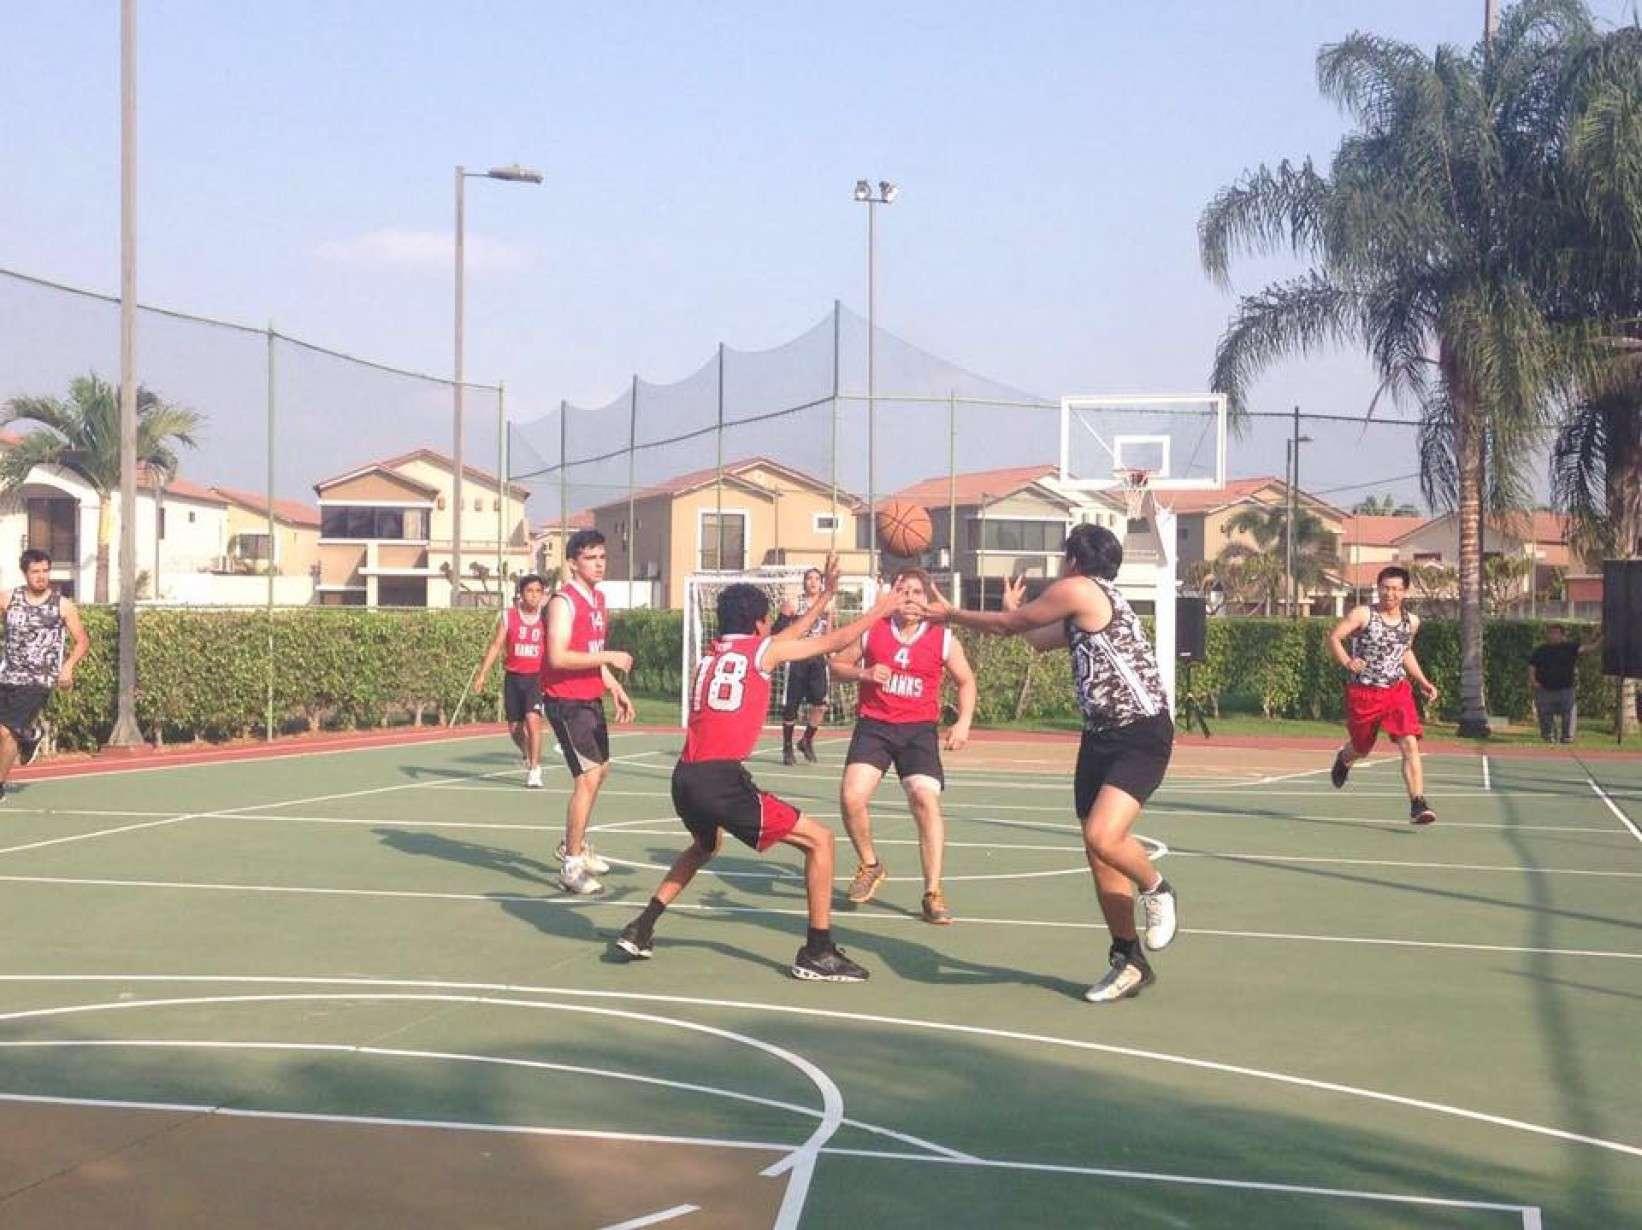 Los fines de semana, se juega básquet en Ciudad Celeste